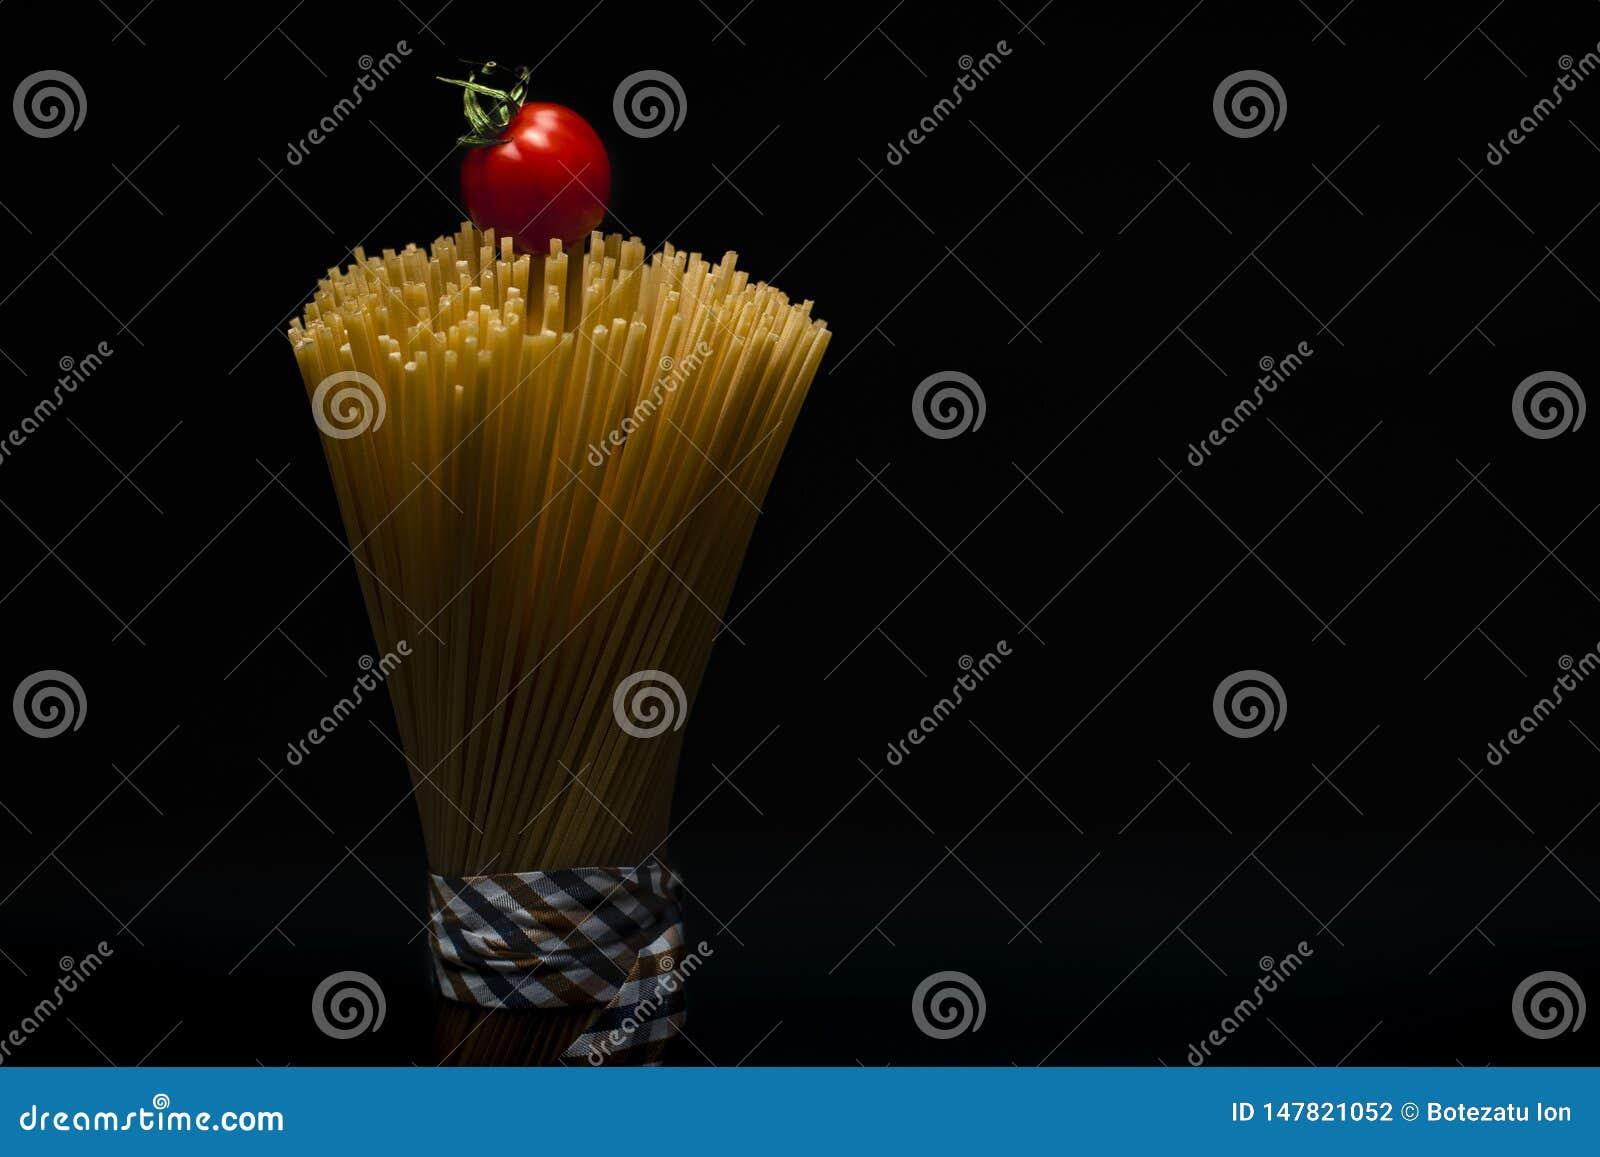 Ritratto degli spaghetti imballati di modo legati con il nastro su fondo scuro con il pomodoro sulla cima